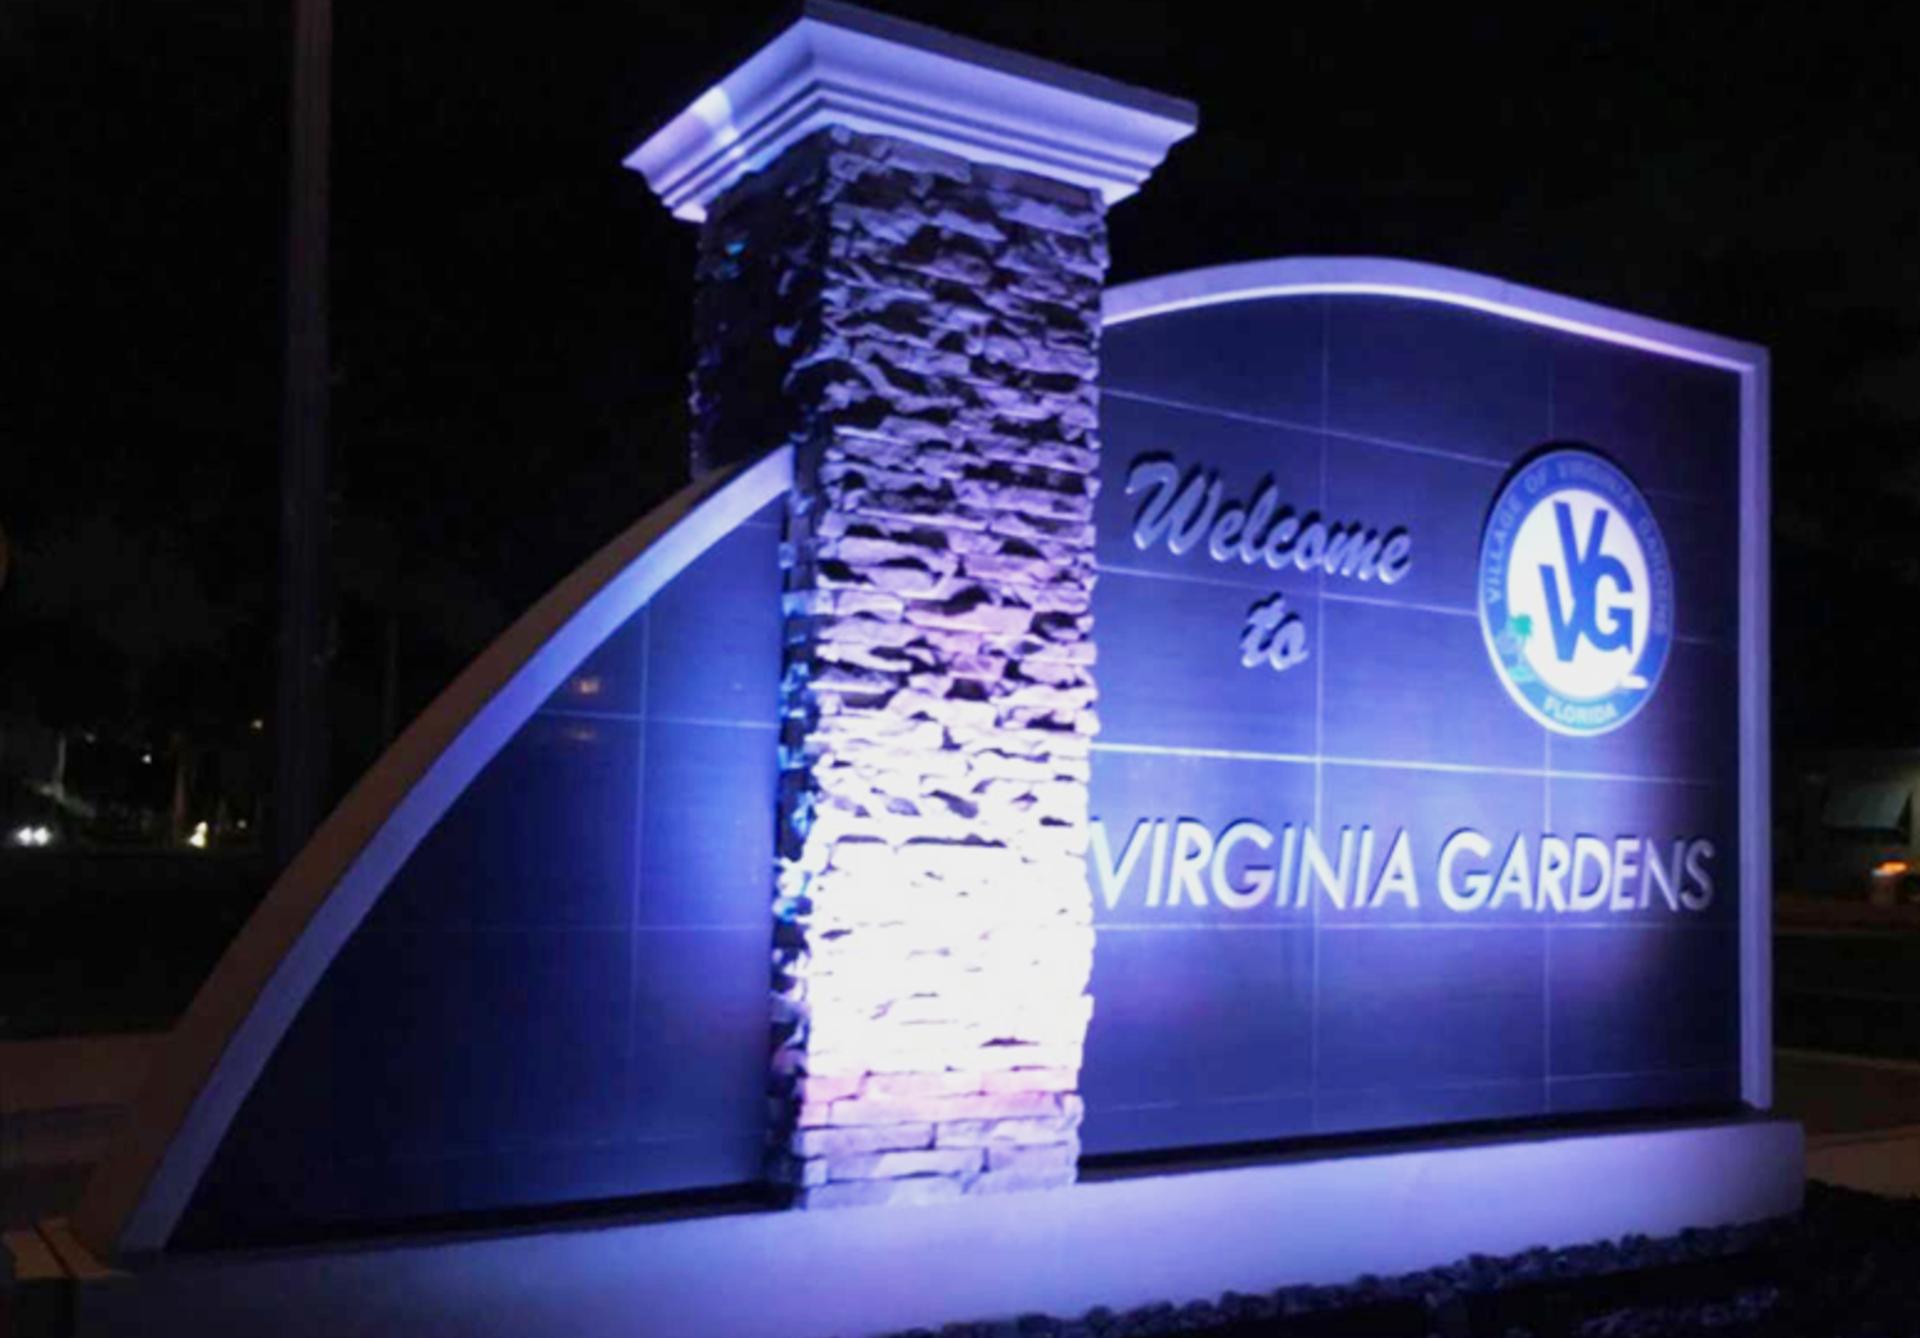 Virginia Gardens